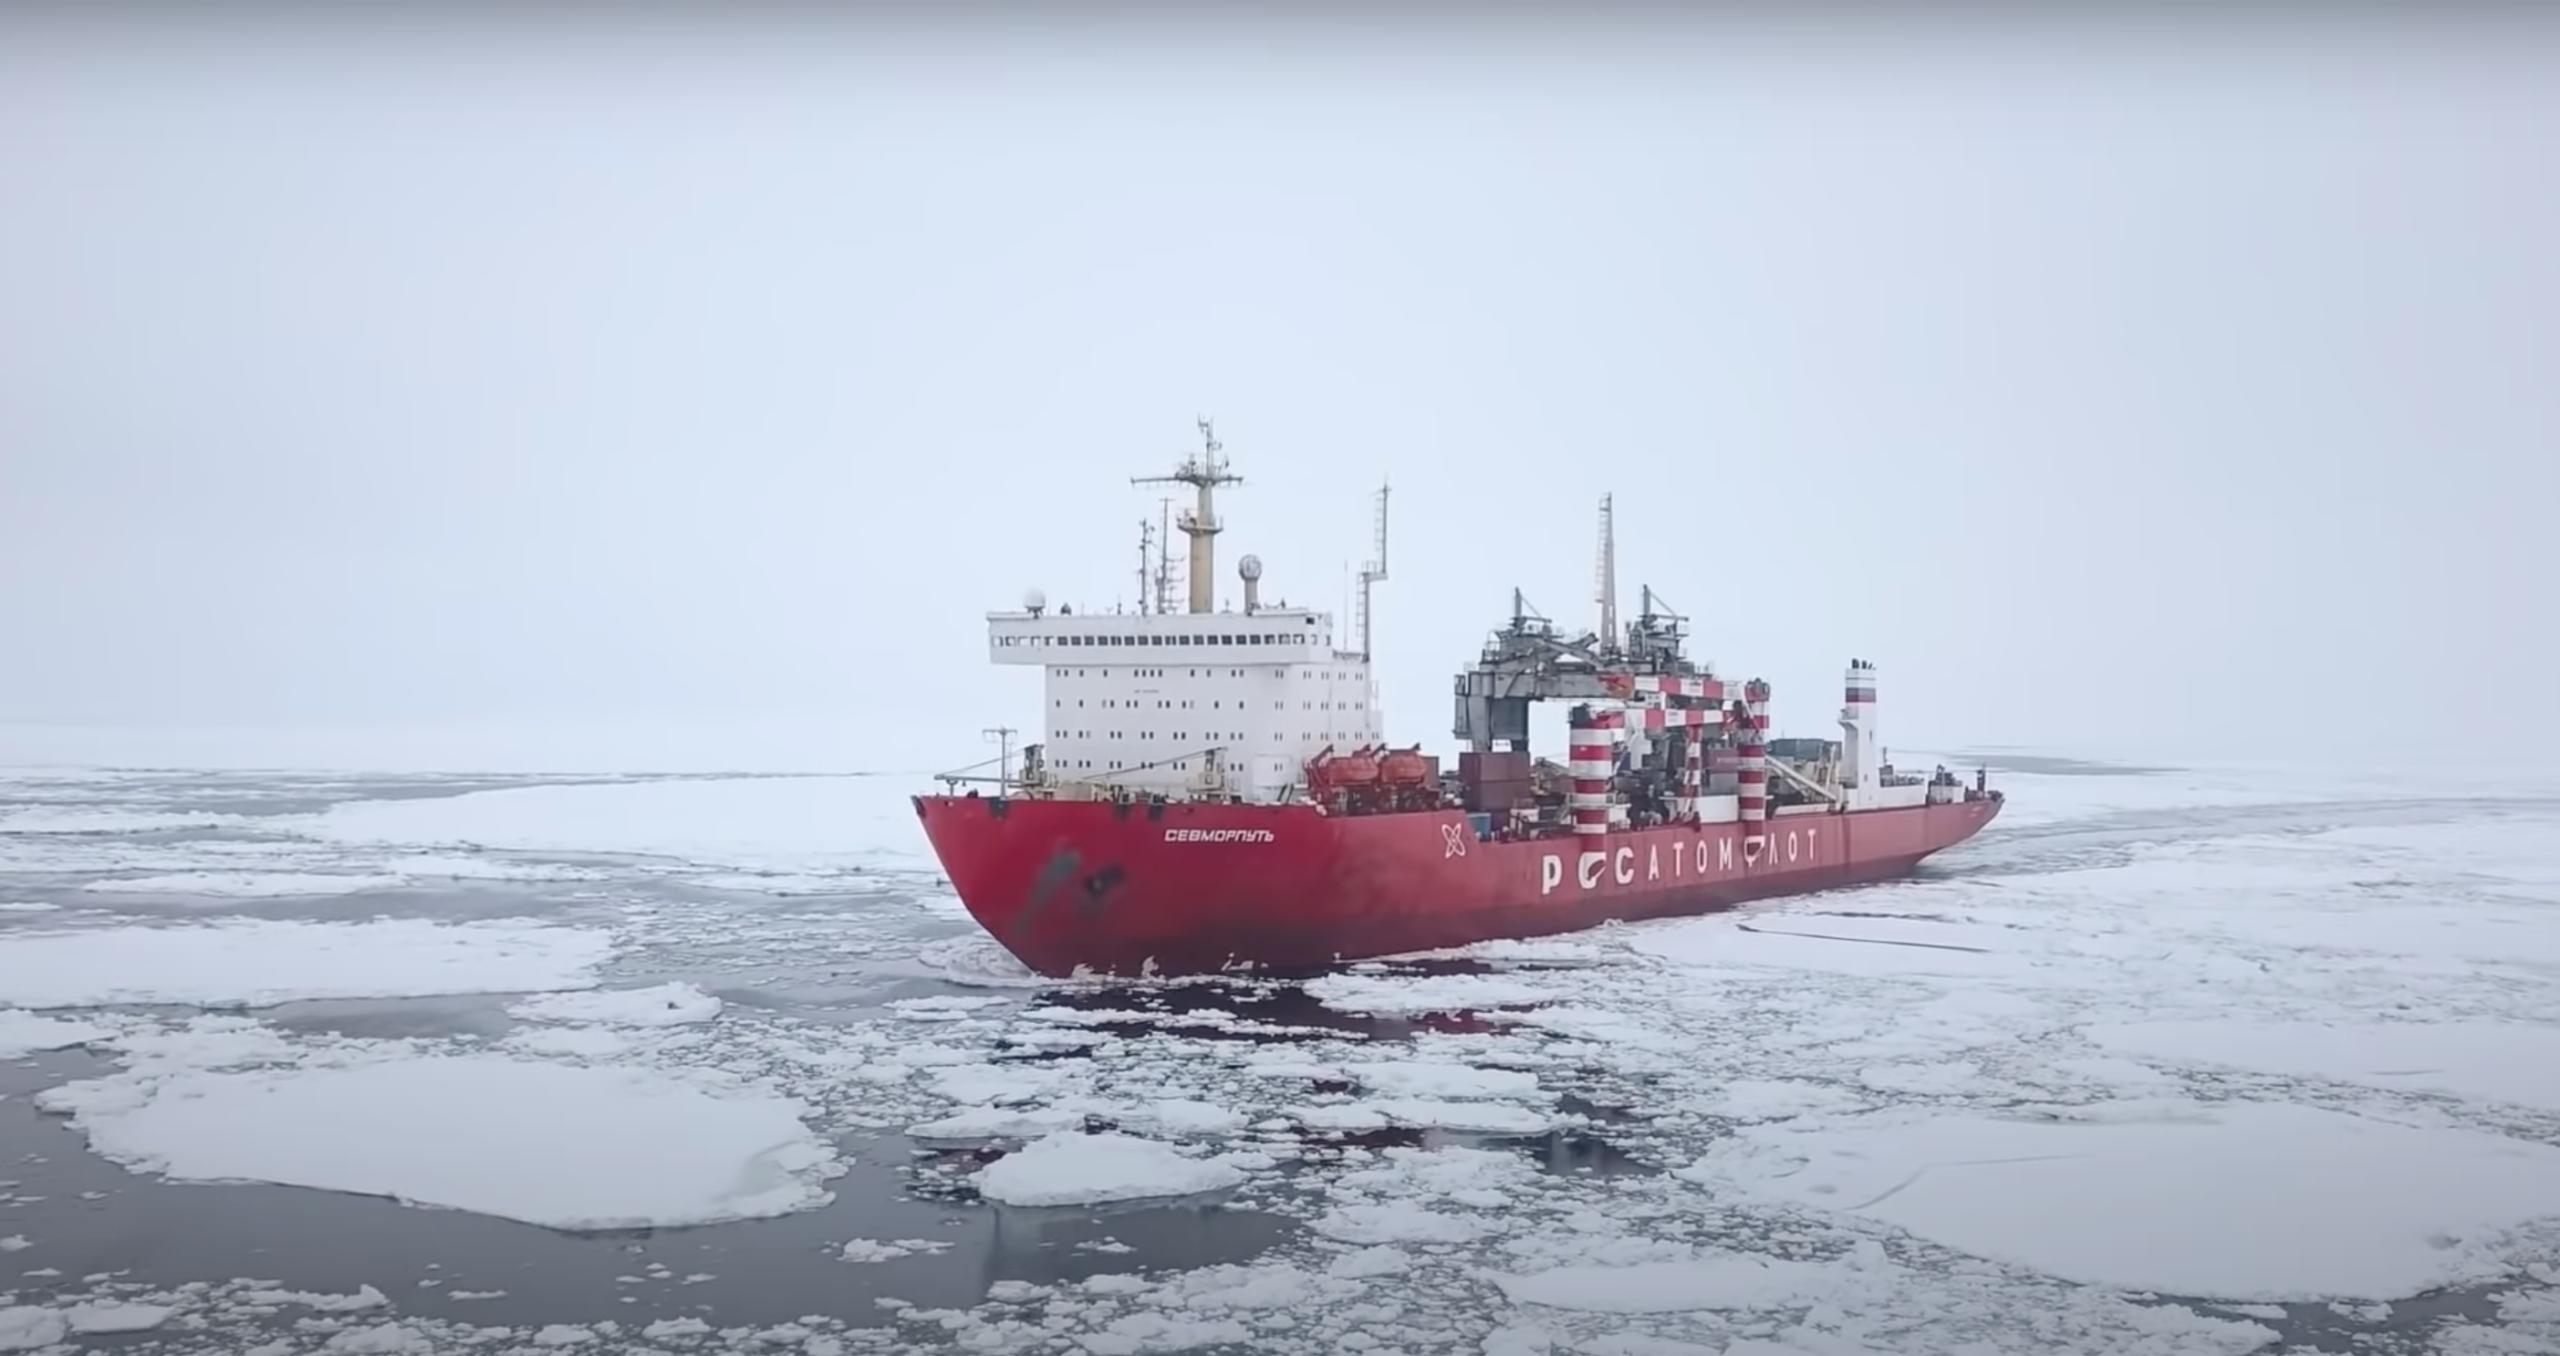 Szlak morski przez Arktykę alternatywą dla Kanału Sueskiego? Nowe szanse dla Kremla